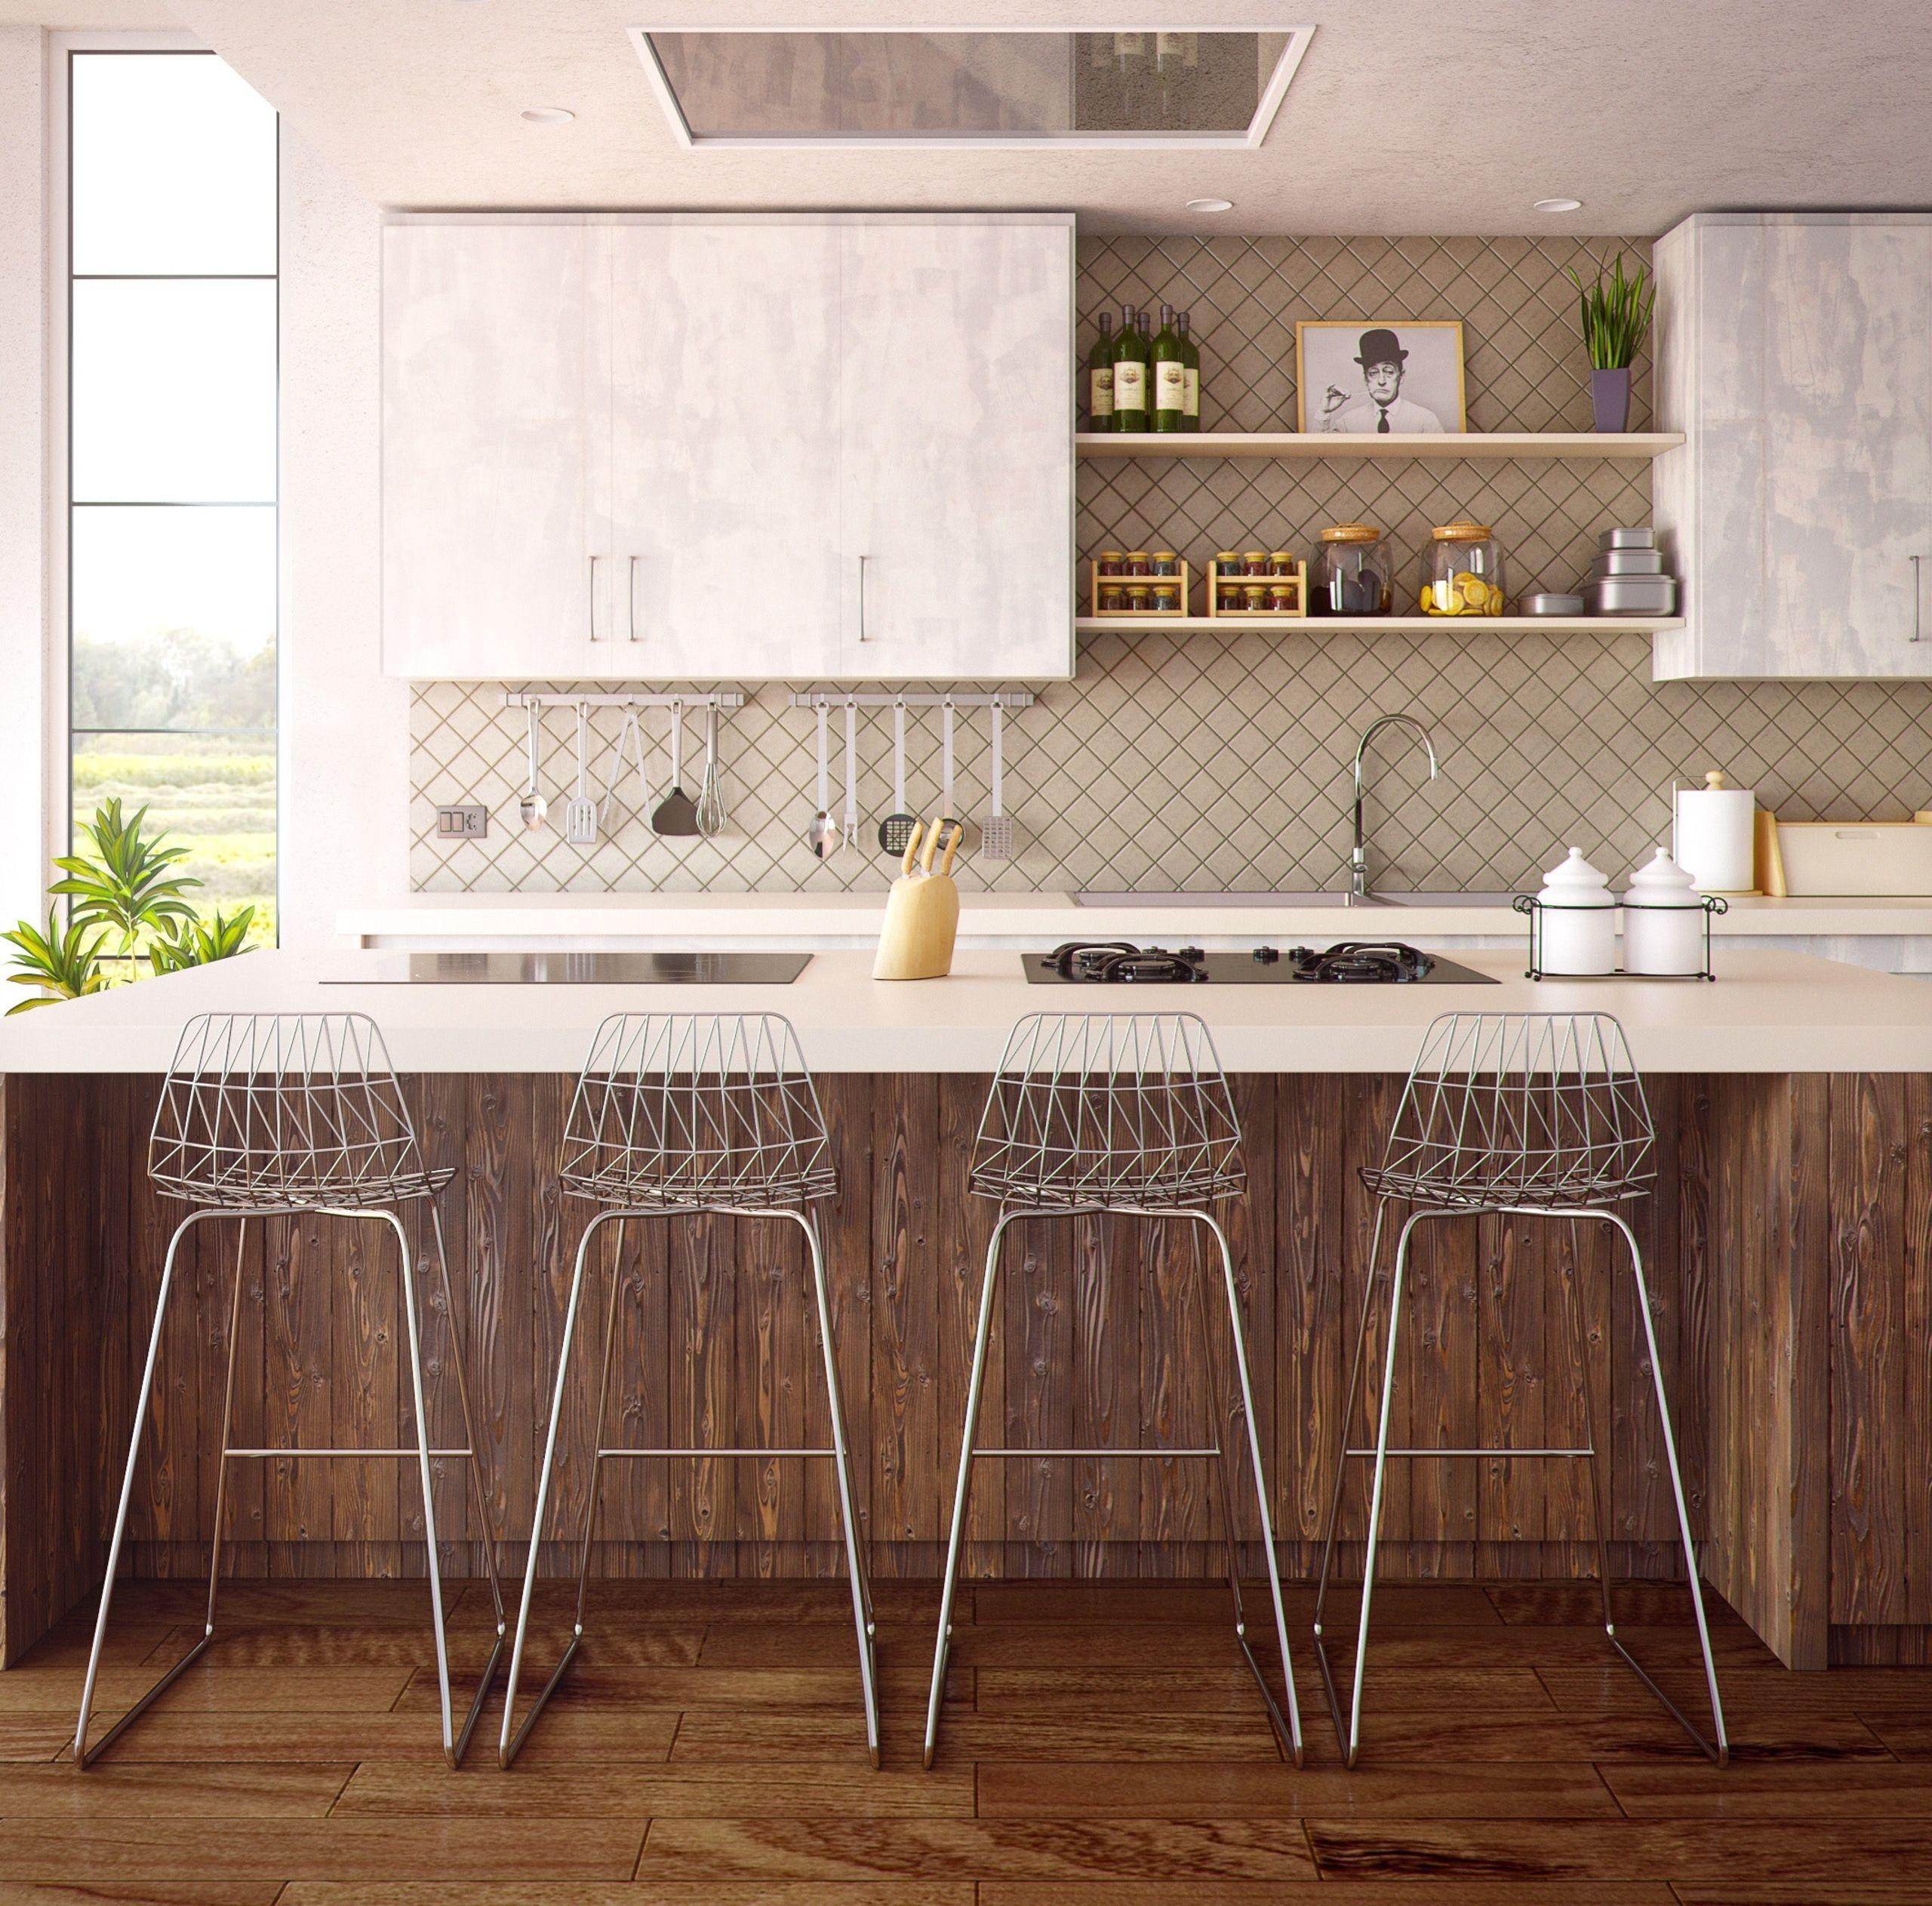 Impeccable designs for a dreamy kitchen